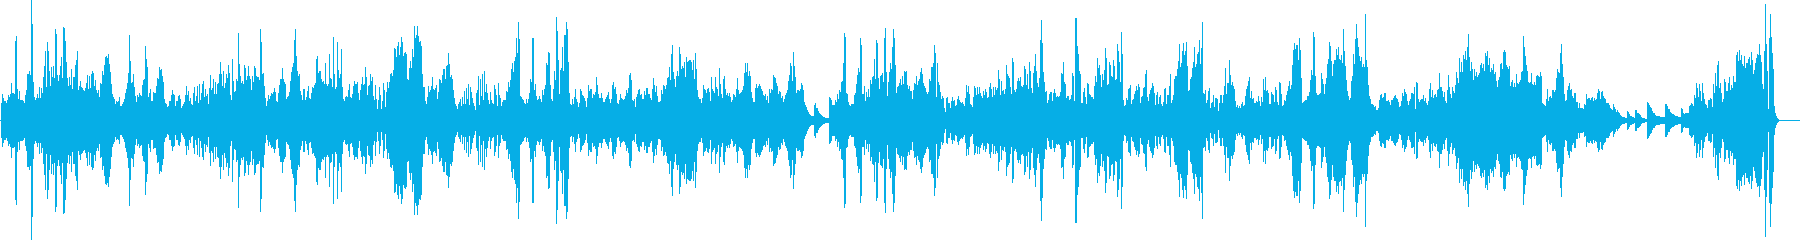 ベードベン 月光 第三楽章 ピアノの再生済みの波形